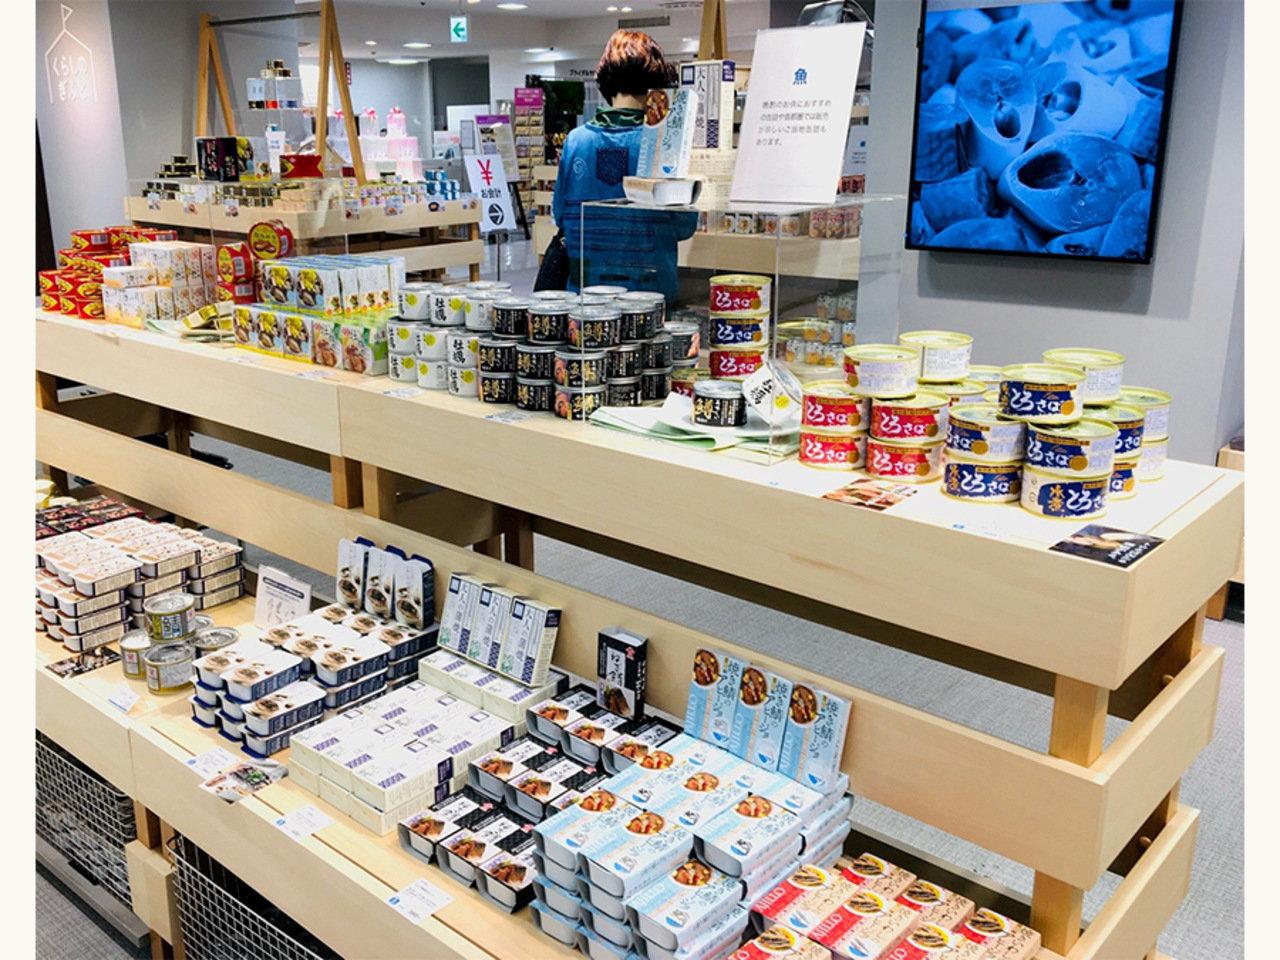 「全国ローカル缶詰大集合!カンダフル!」が、西武池袋本店で開催中